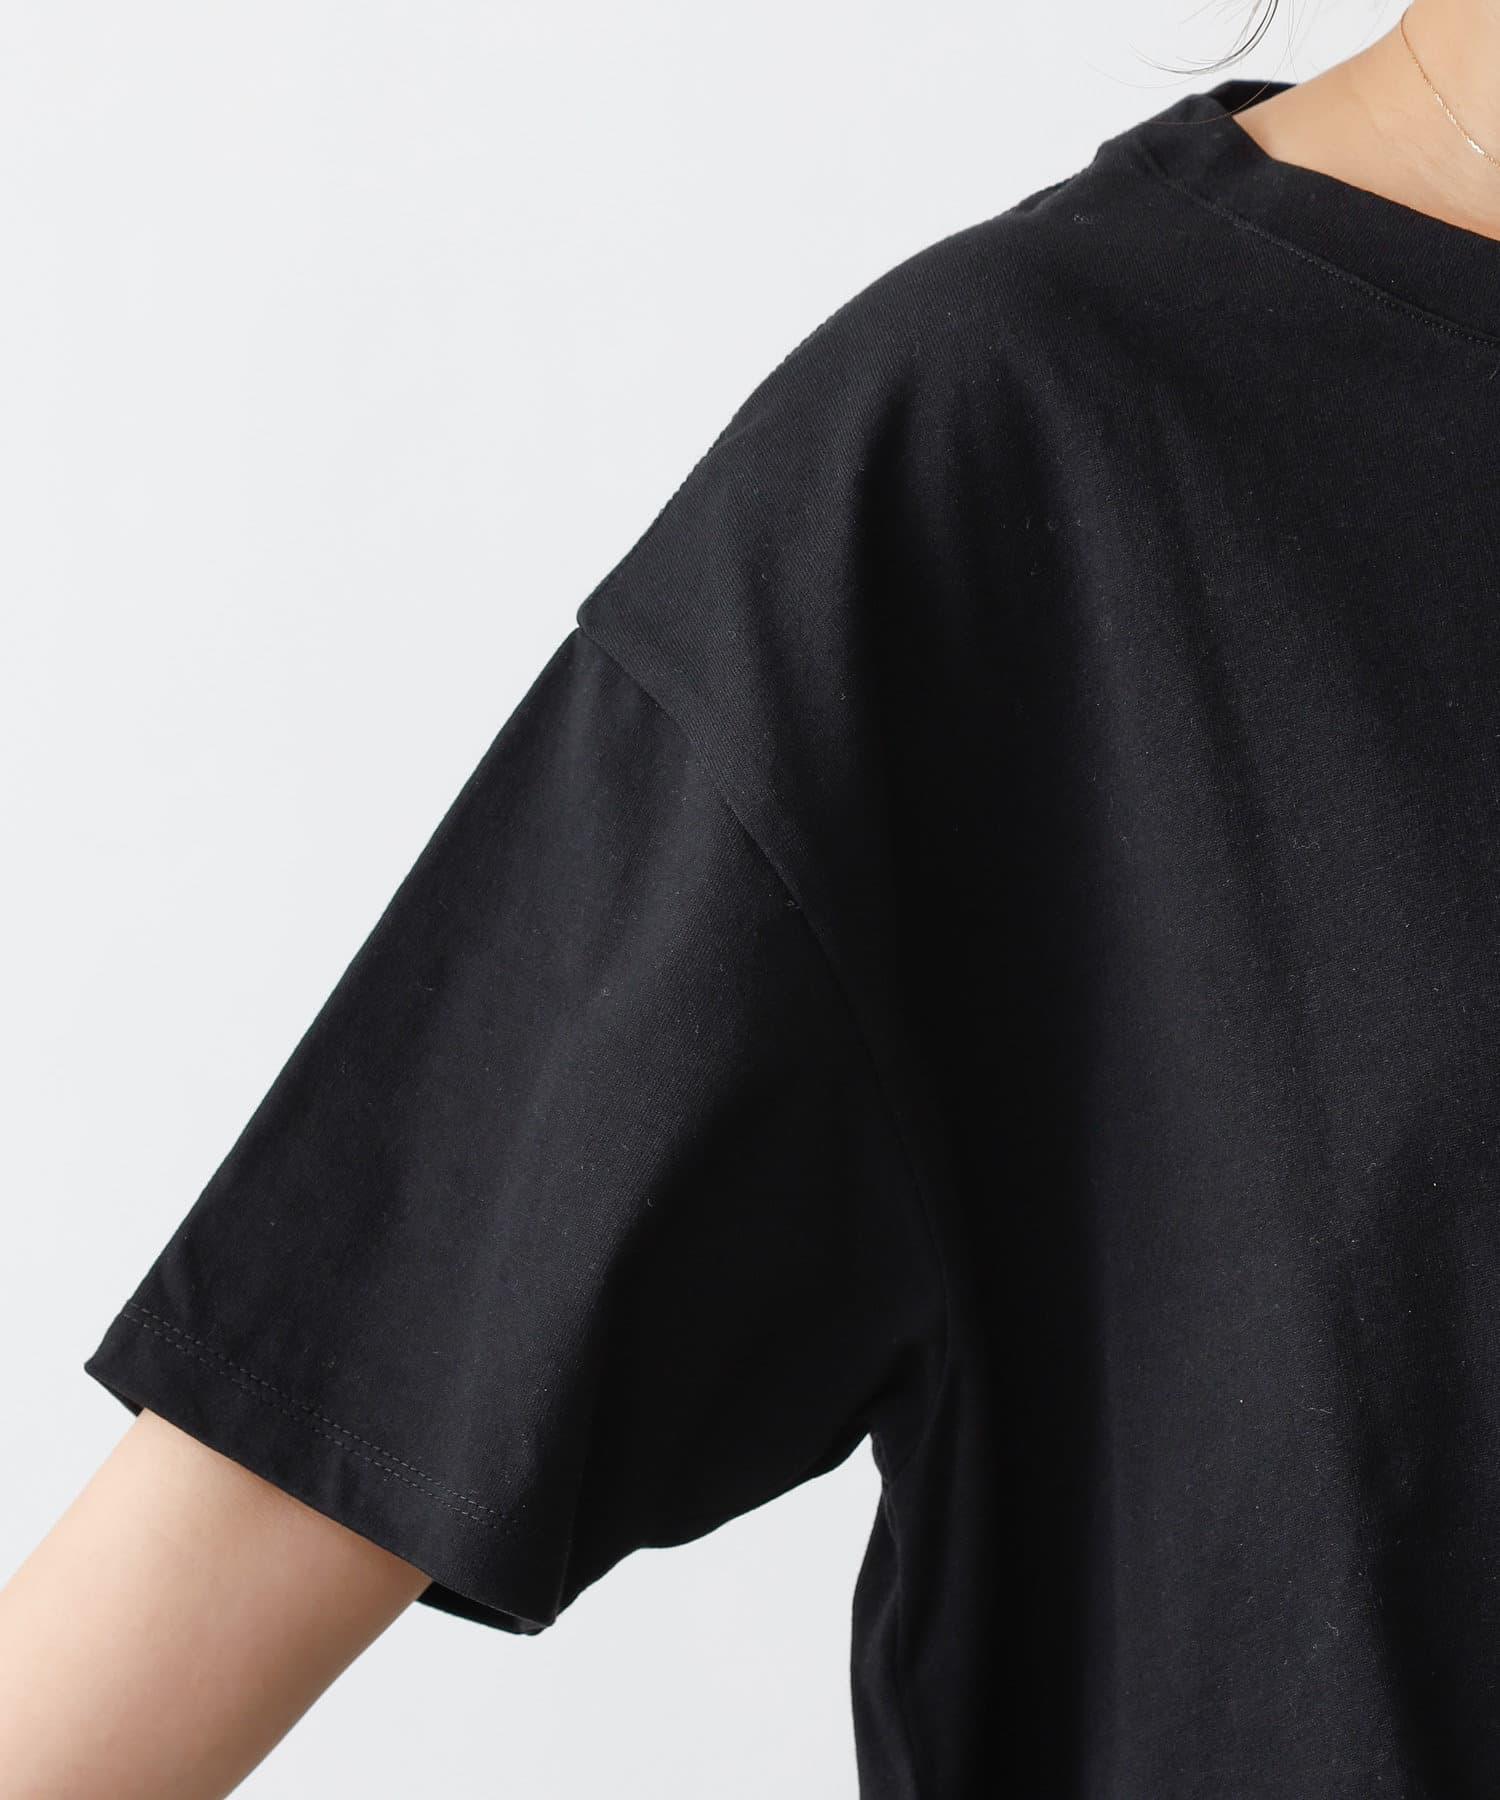 COLONY 2139(コロニー トゥーワンスリーナイン) 【WEB限定デザイン】2139T (Graphic)/半袖Tシャツ